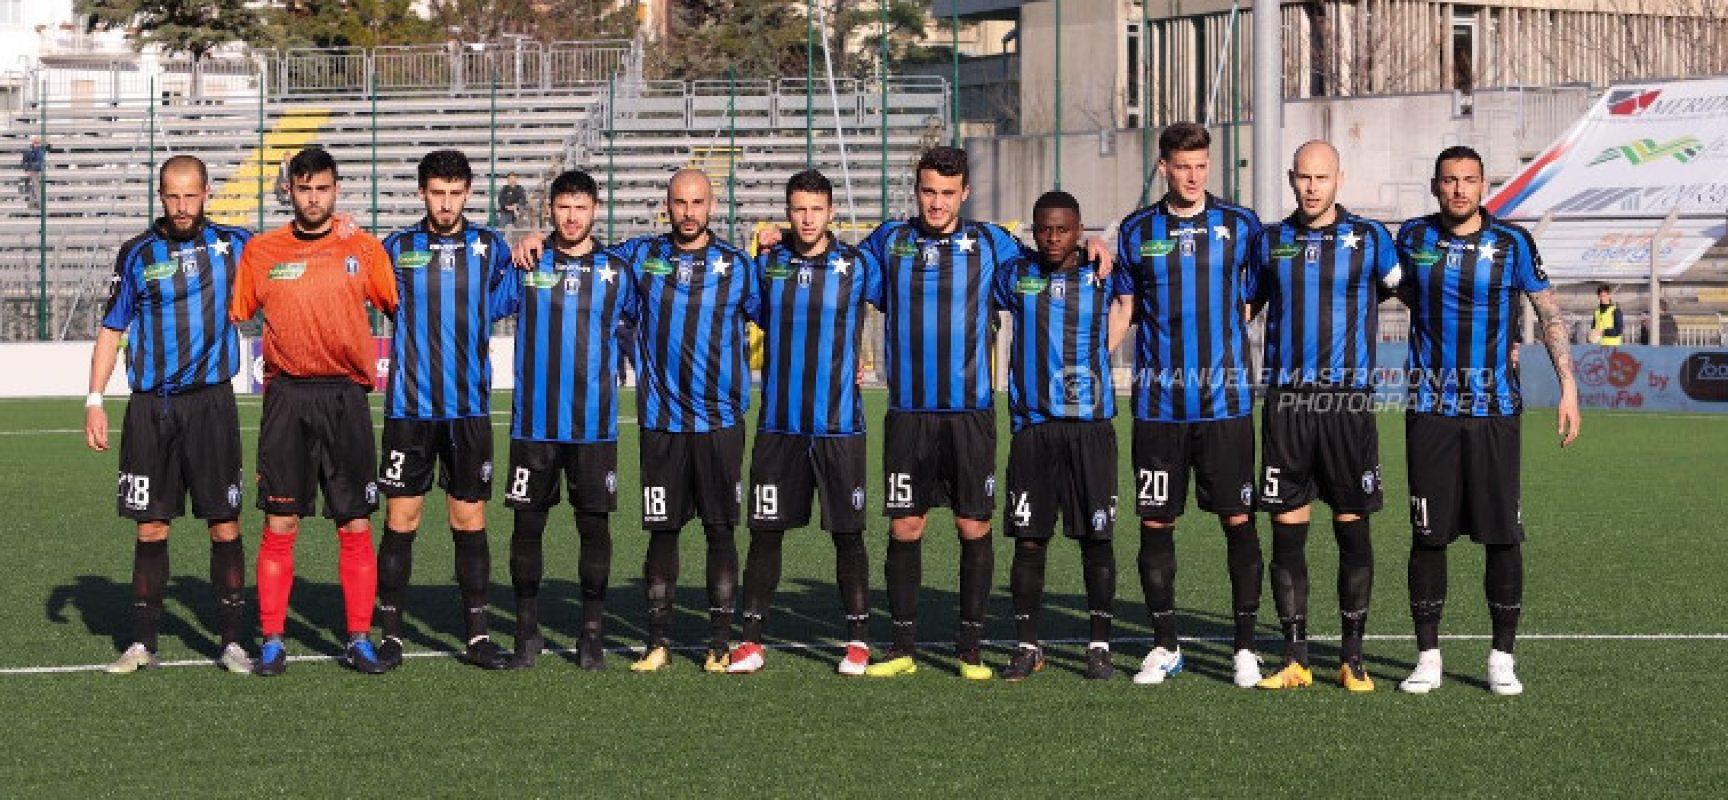 Lega Pro approva nuovi regolamenti, rischio playout per il Bisceglie Calcio